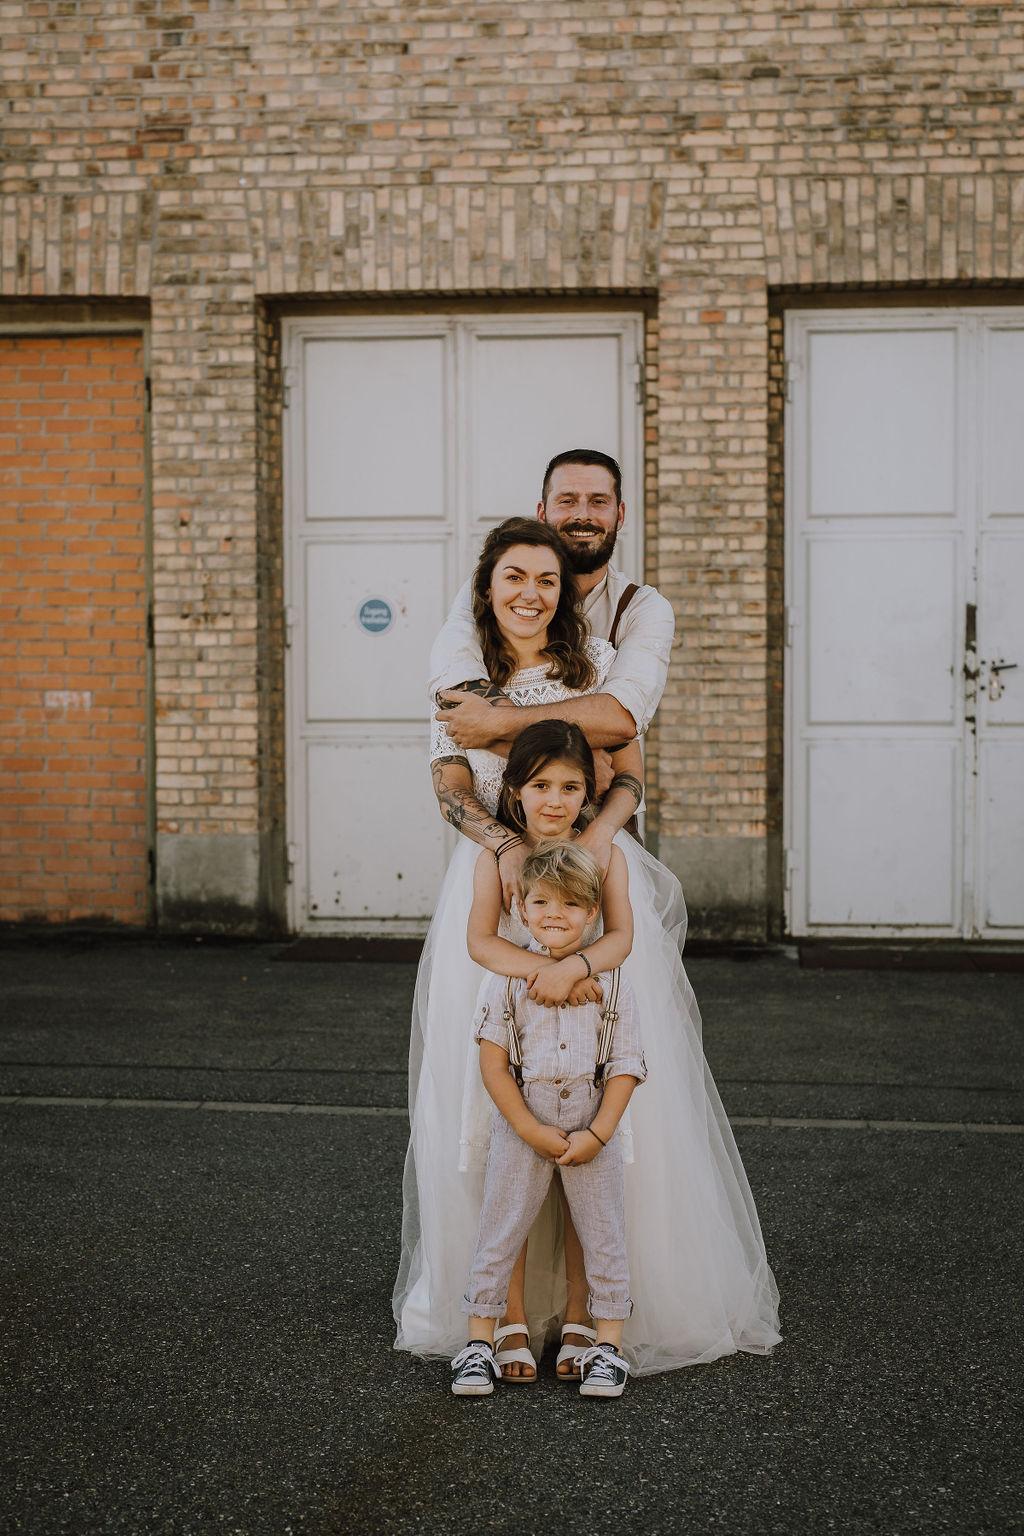 Styled Shoot Brautmode, Gruppenbild Familie, Braut, Bräutigam, Mutter, Vater, Sohn, Tochter